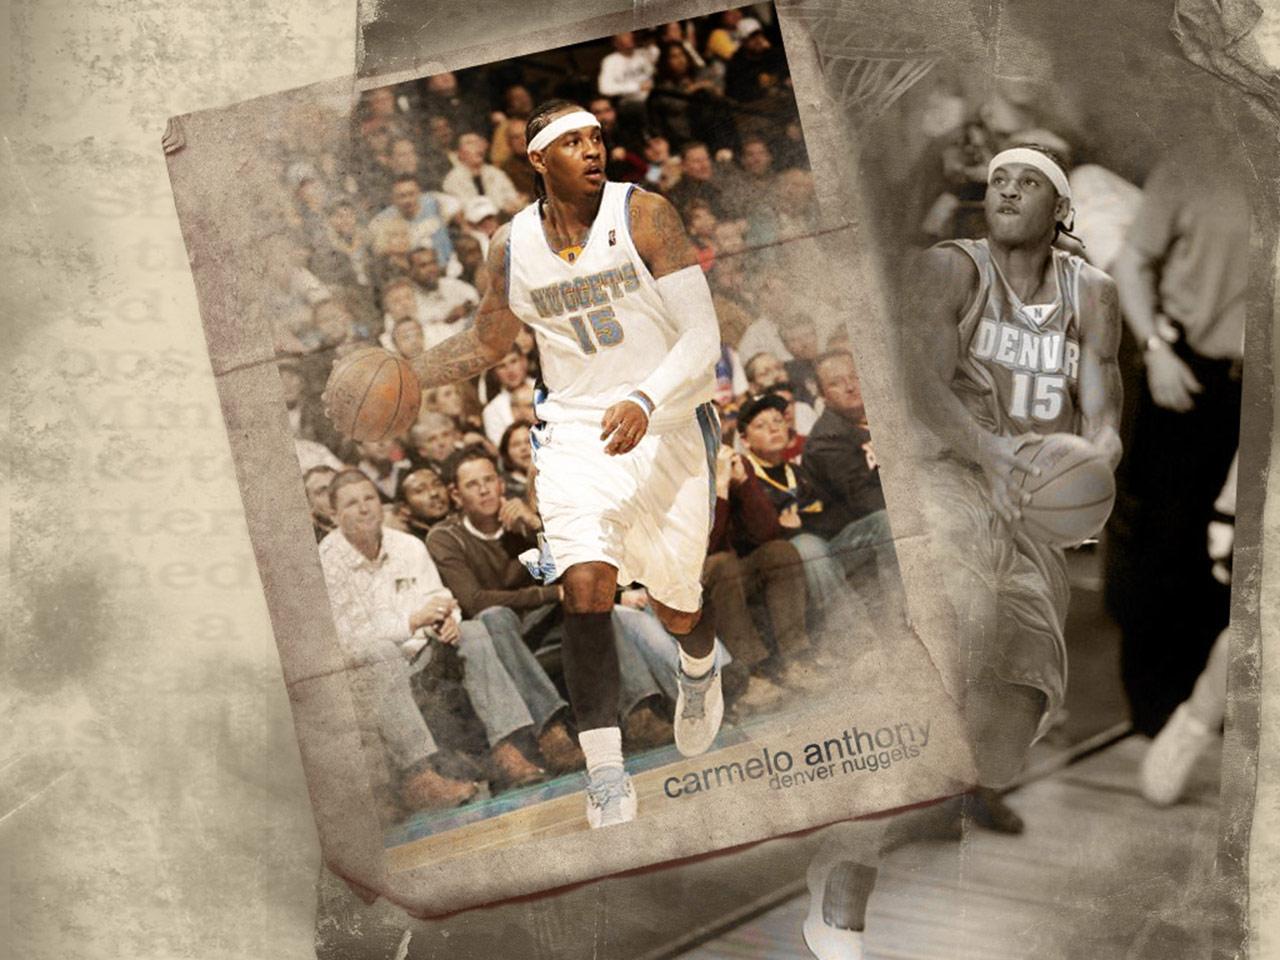 http://4.bp.blogspot.com/-DCN7ruRUjIY/TbuU1mXEdKI/AAAAAAAAEgU/APIIlw4xv2Q/s1600/Carmelo-Anthony-1280x960-Wallpaper.jpg